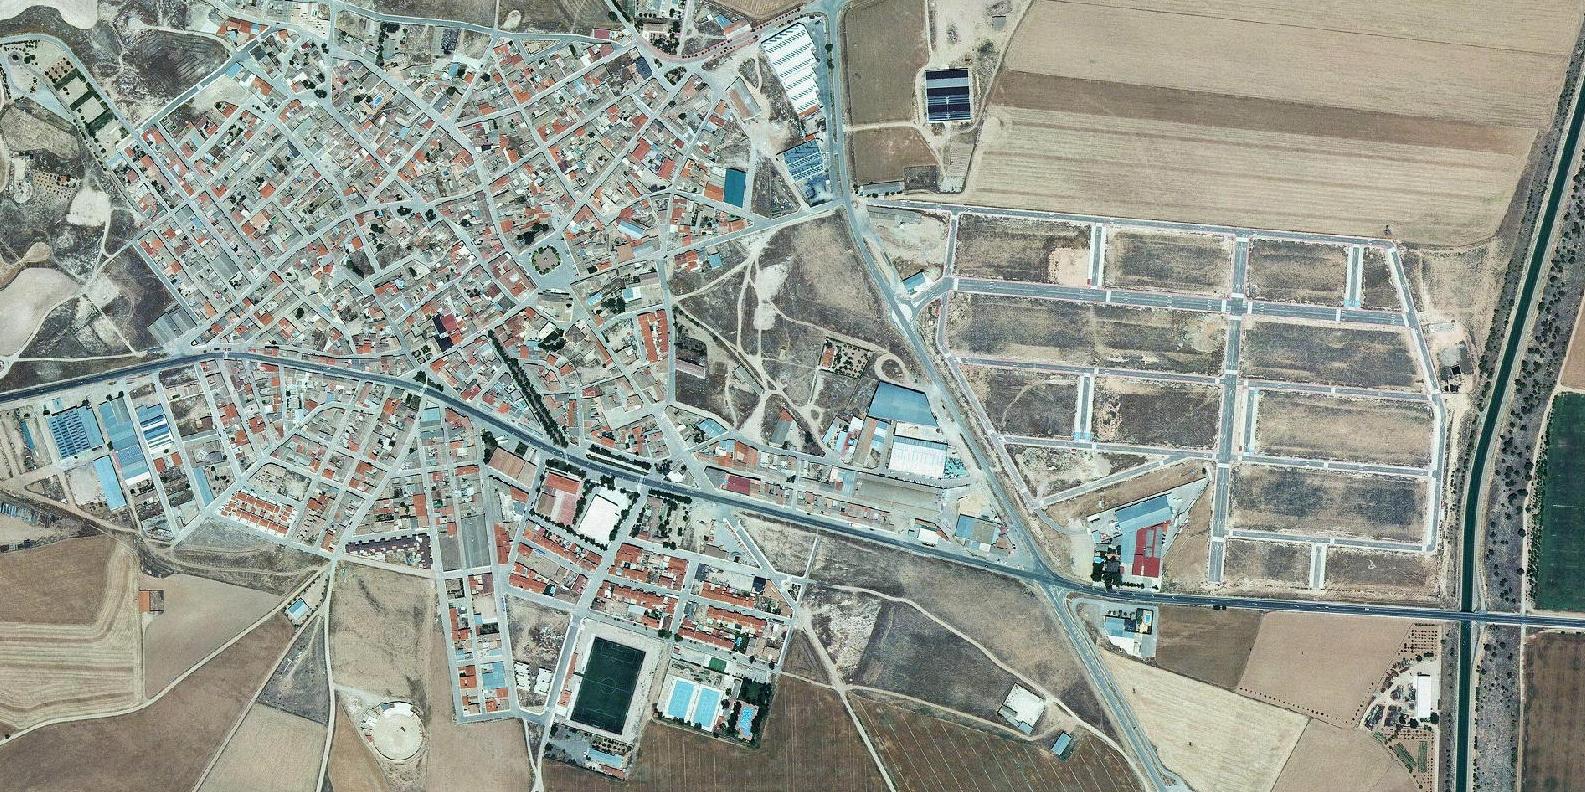 barrax, albacete, rated x, después, urbanismo, planeamiento, urbano, desastre, urbanístico, construcción, rotondas, carretera